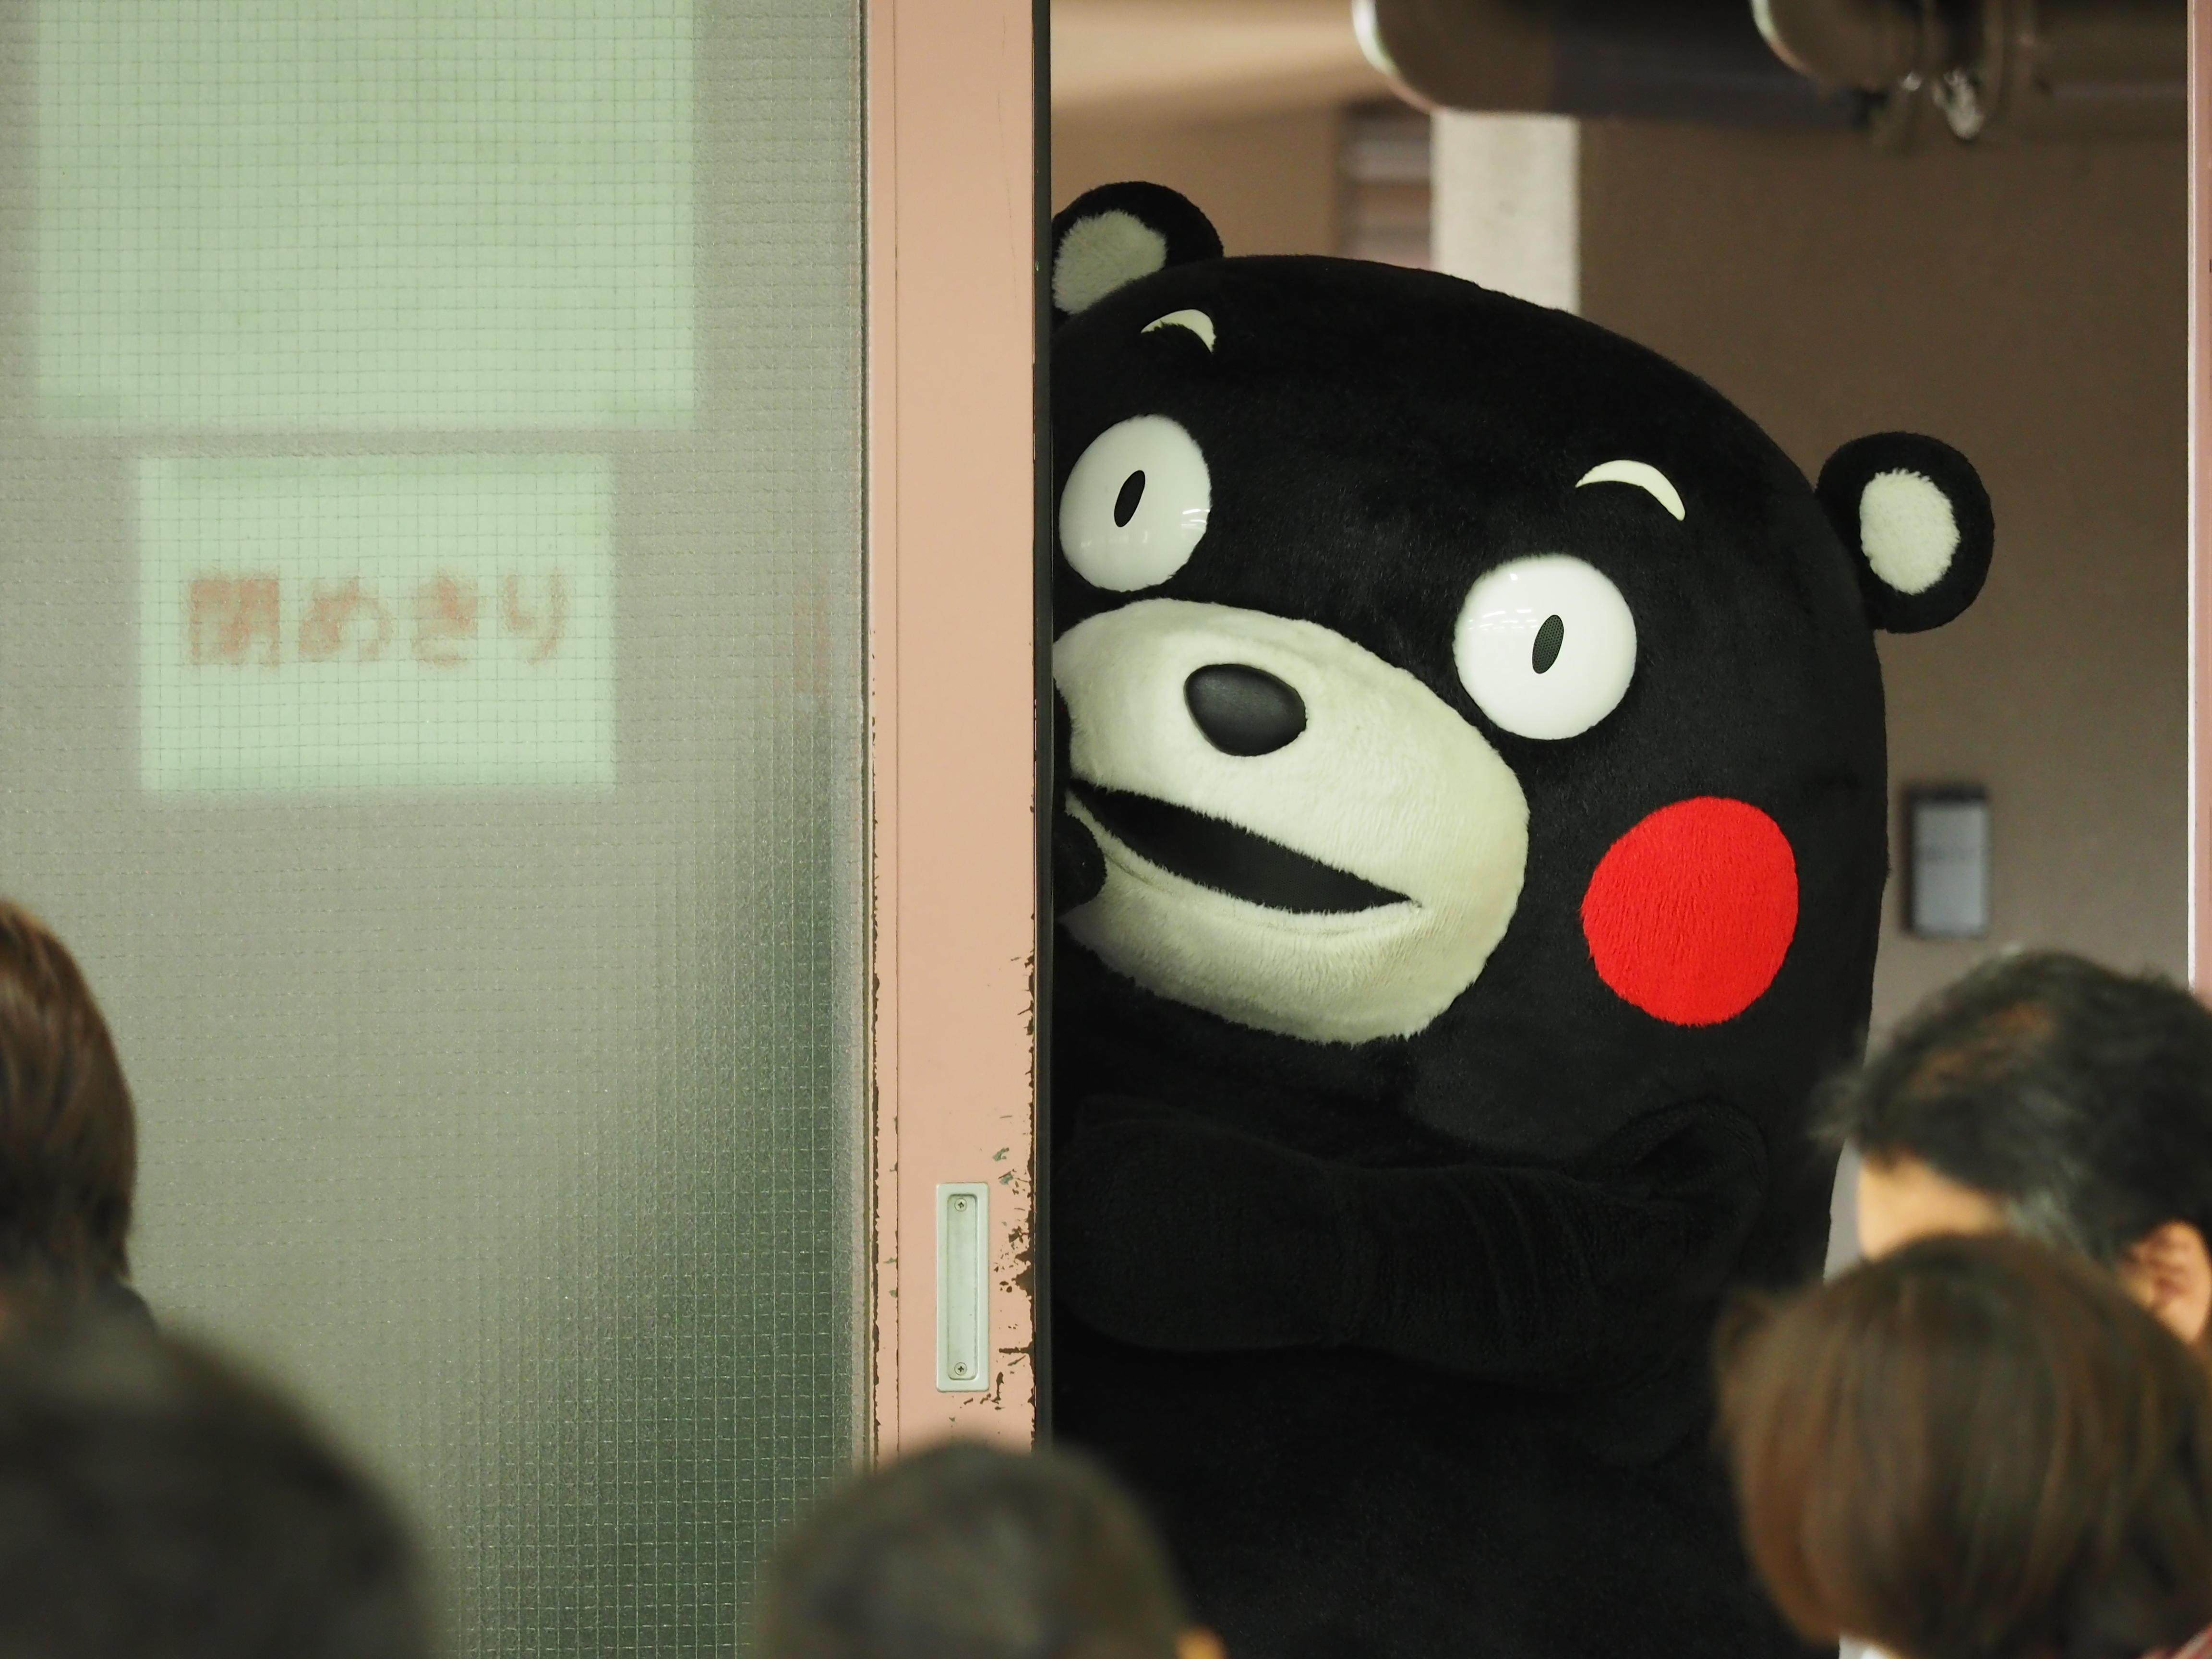 熊本県産米使用の近大マグロ丼を学生に提供 「くまモン」が2年ぶりに来校し、熊本県をPR